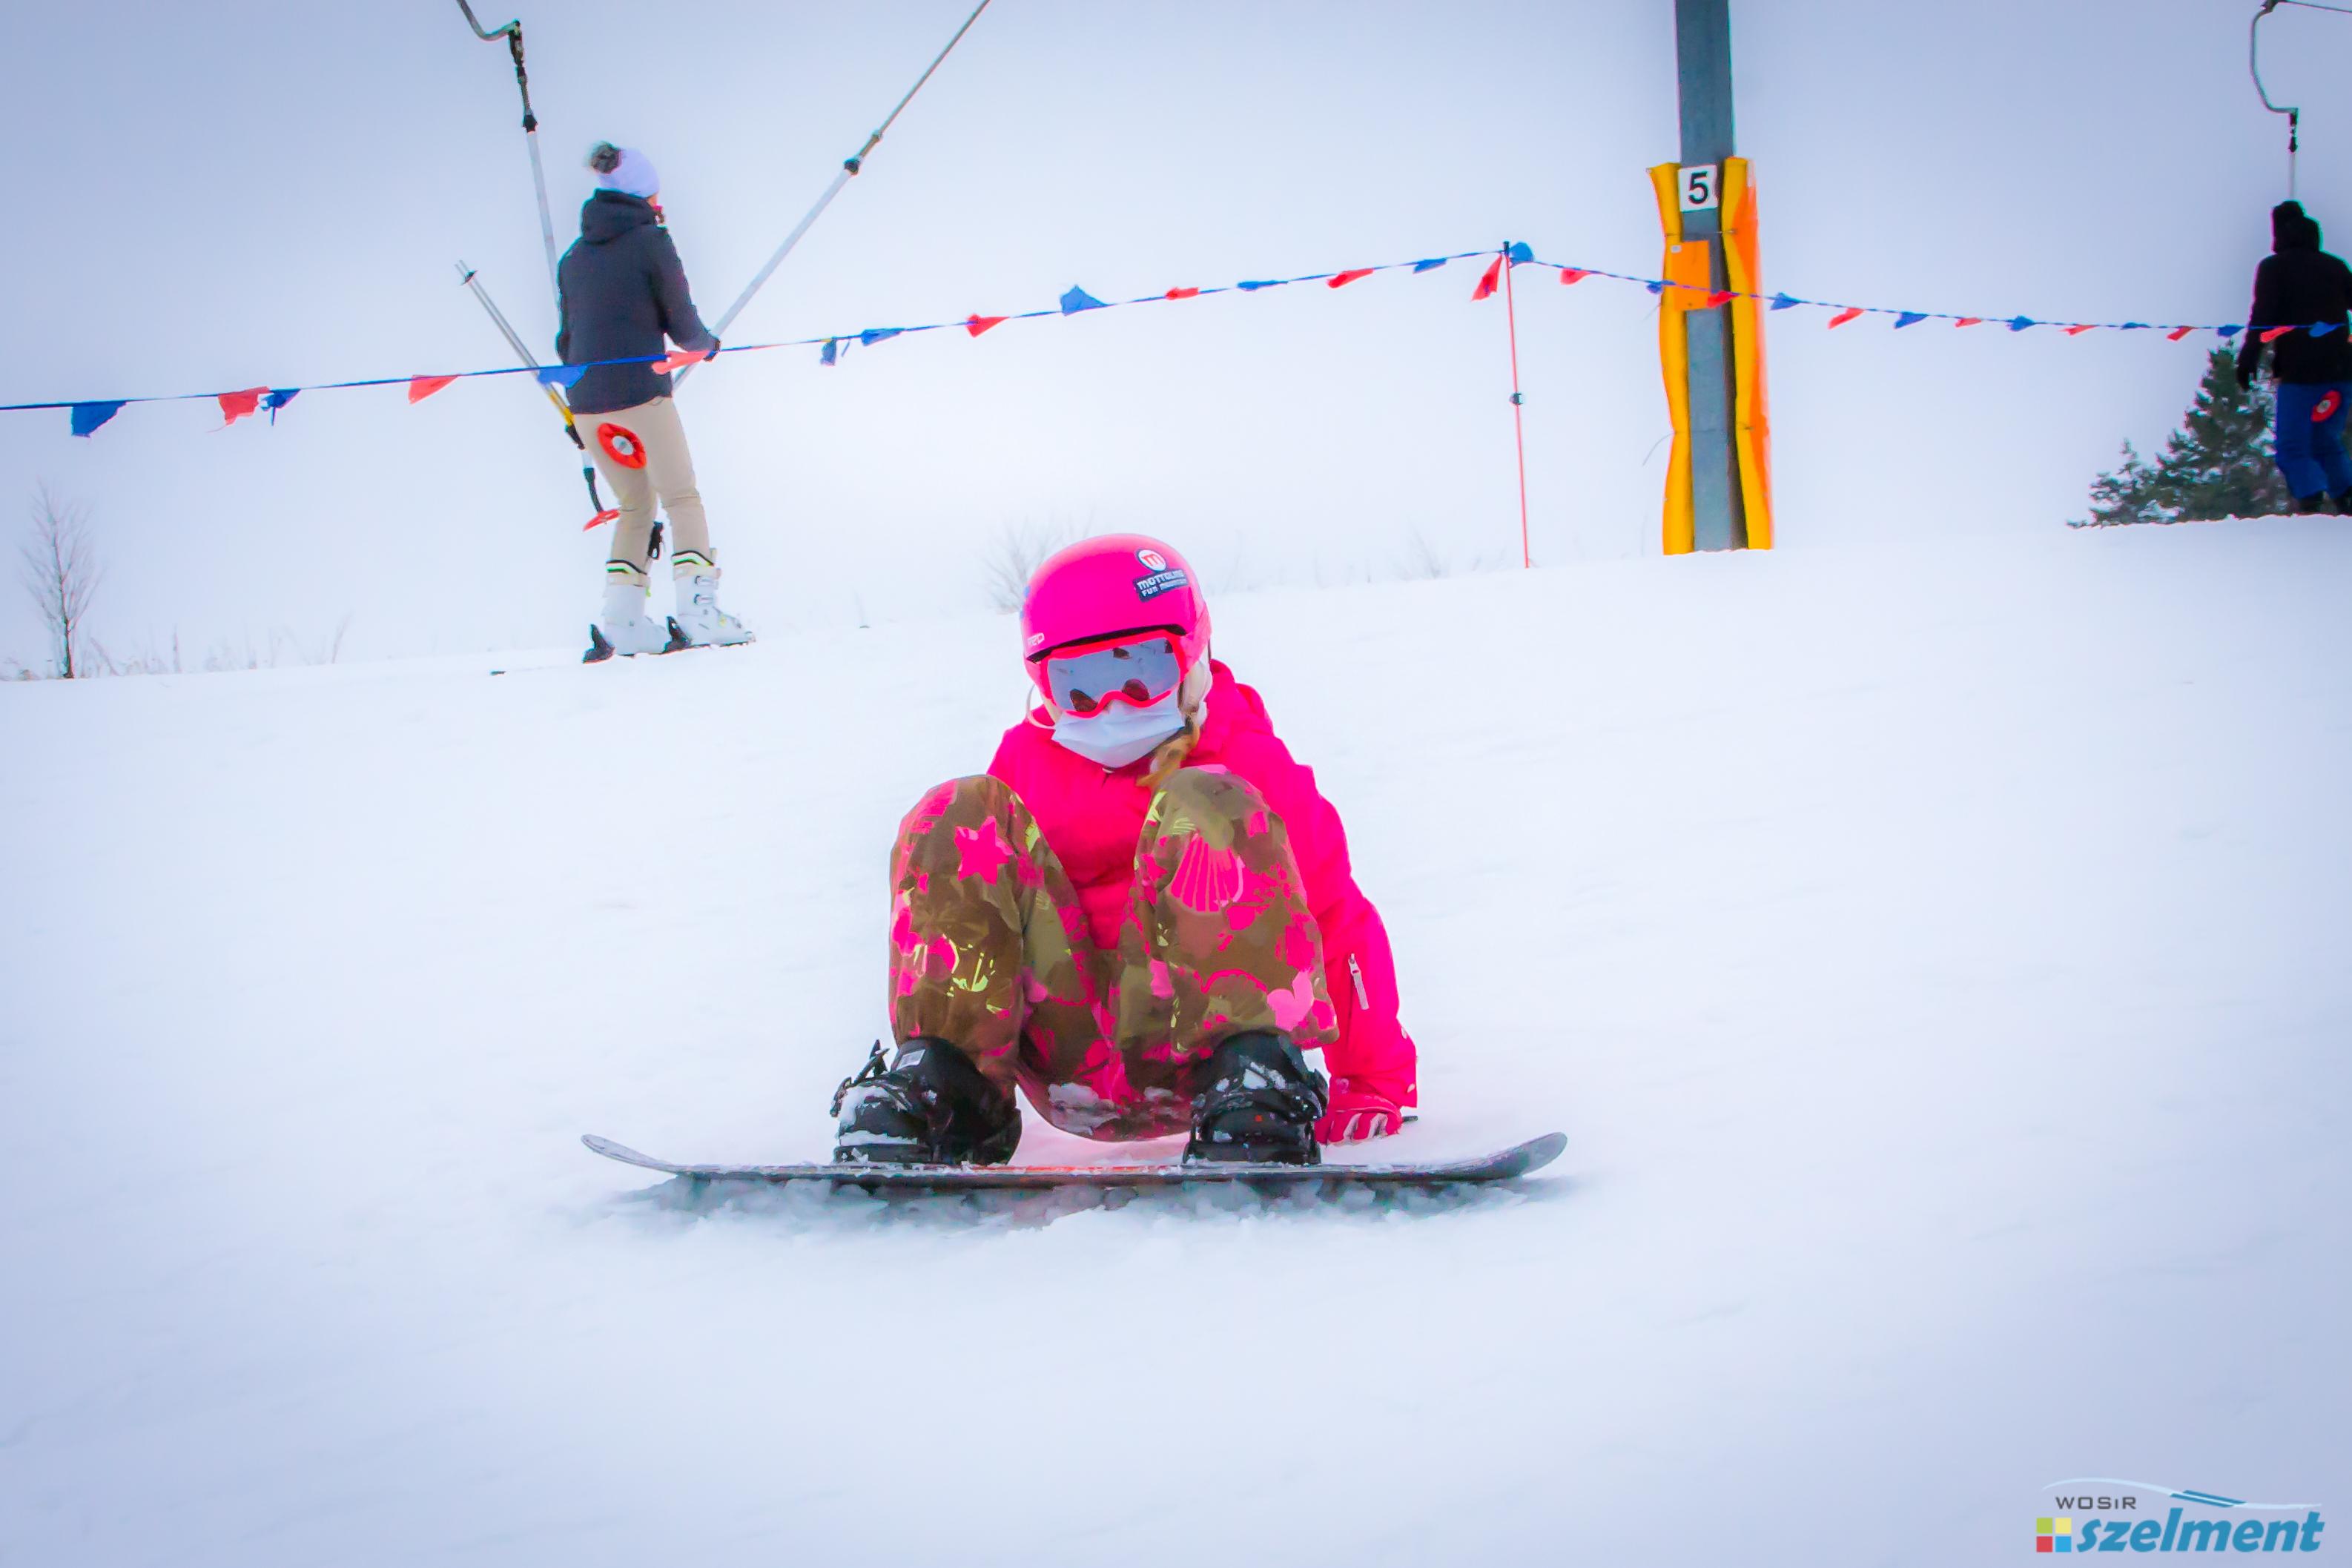 Niedziela  14.03.2021 r. była ostatnim dniem szusowania na  Jesionowej,  zakończył się sezon narciarski w Szelmencie.